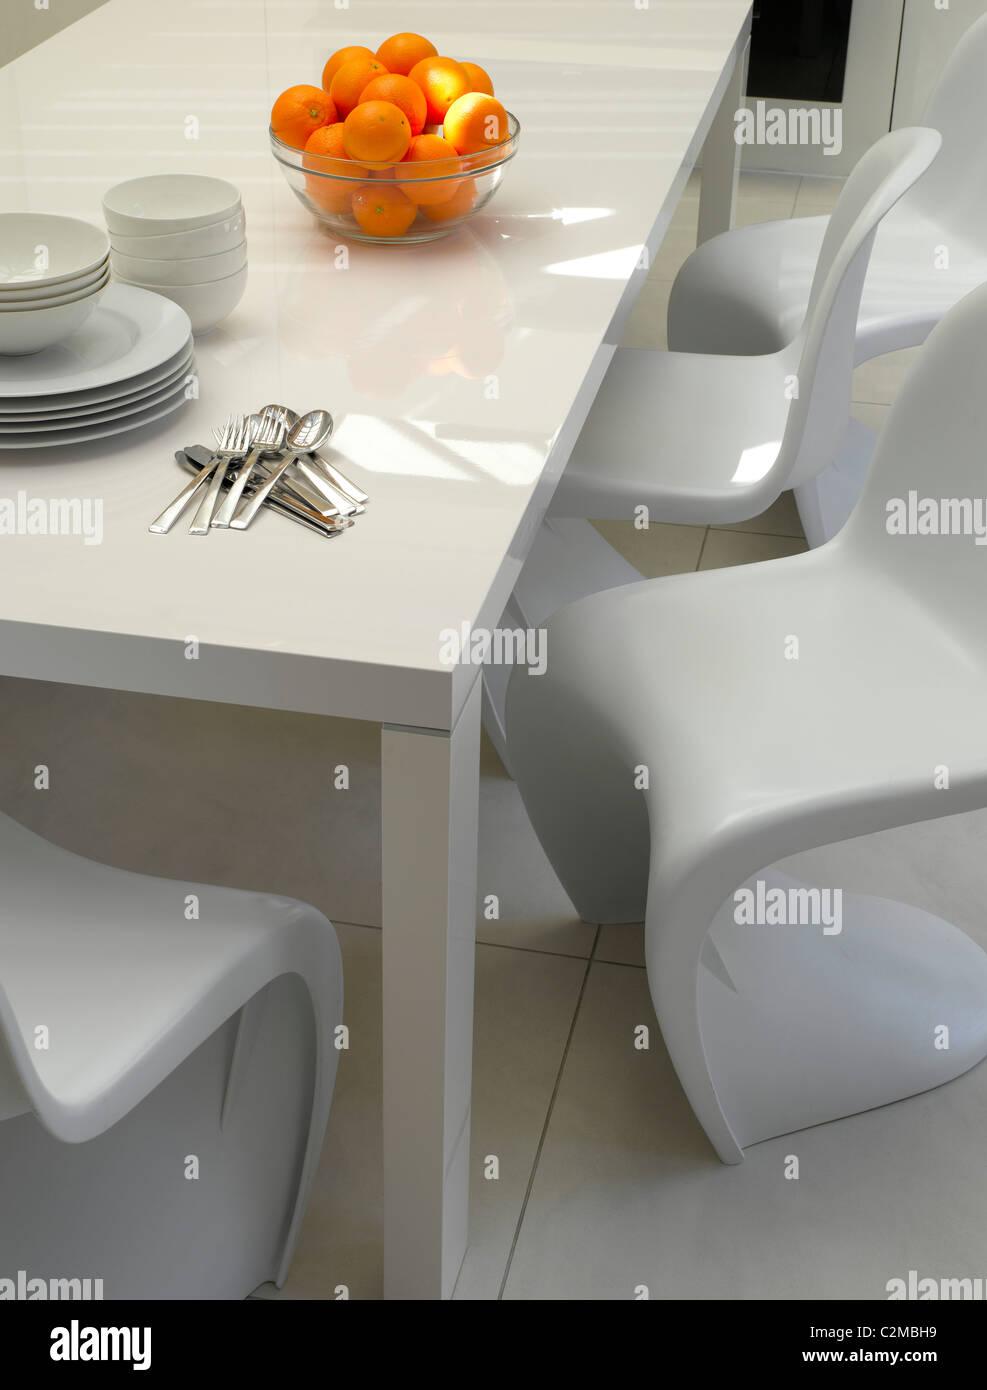 Casa a Chelsea, Londra. Bianca e moderna sala da pranzo con tavolo a sbalzo bianco stampato sedie e pavimento bianco Immagini Stock